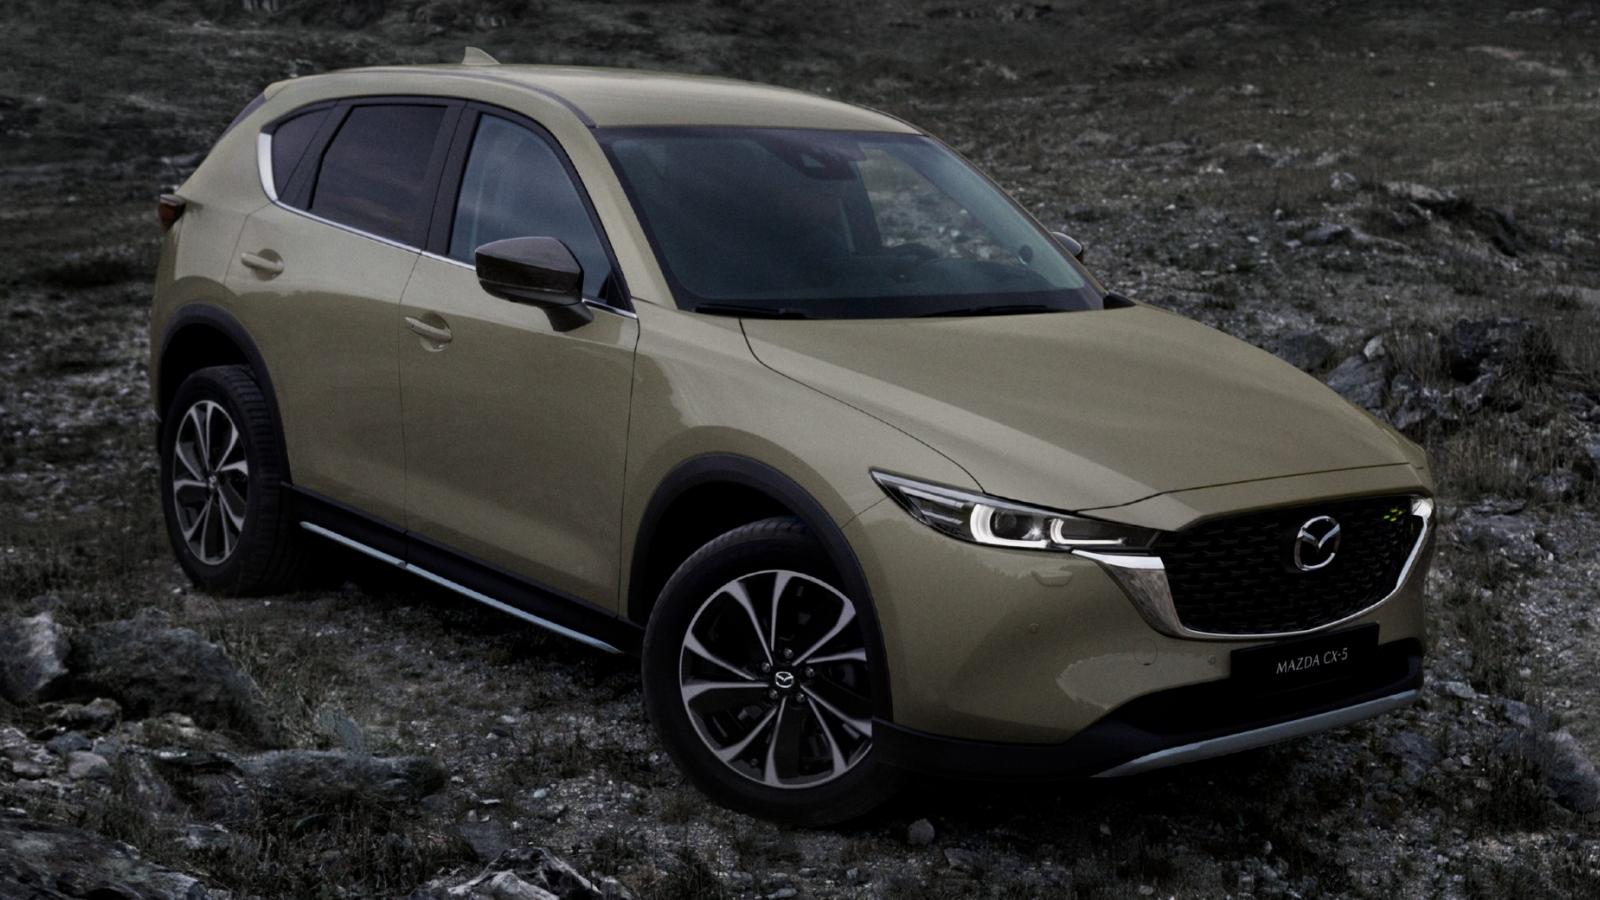 Hình ảnh chi tiết Mazda CX-5 bản nâng cấp vừa ra mắt